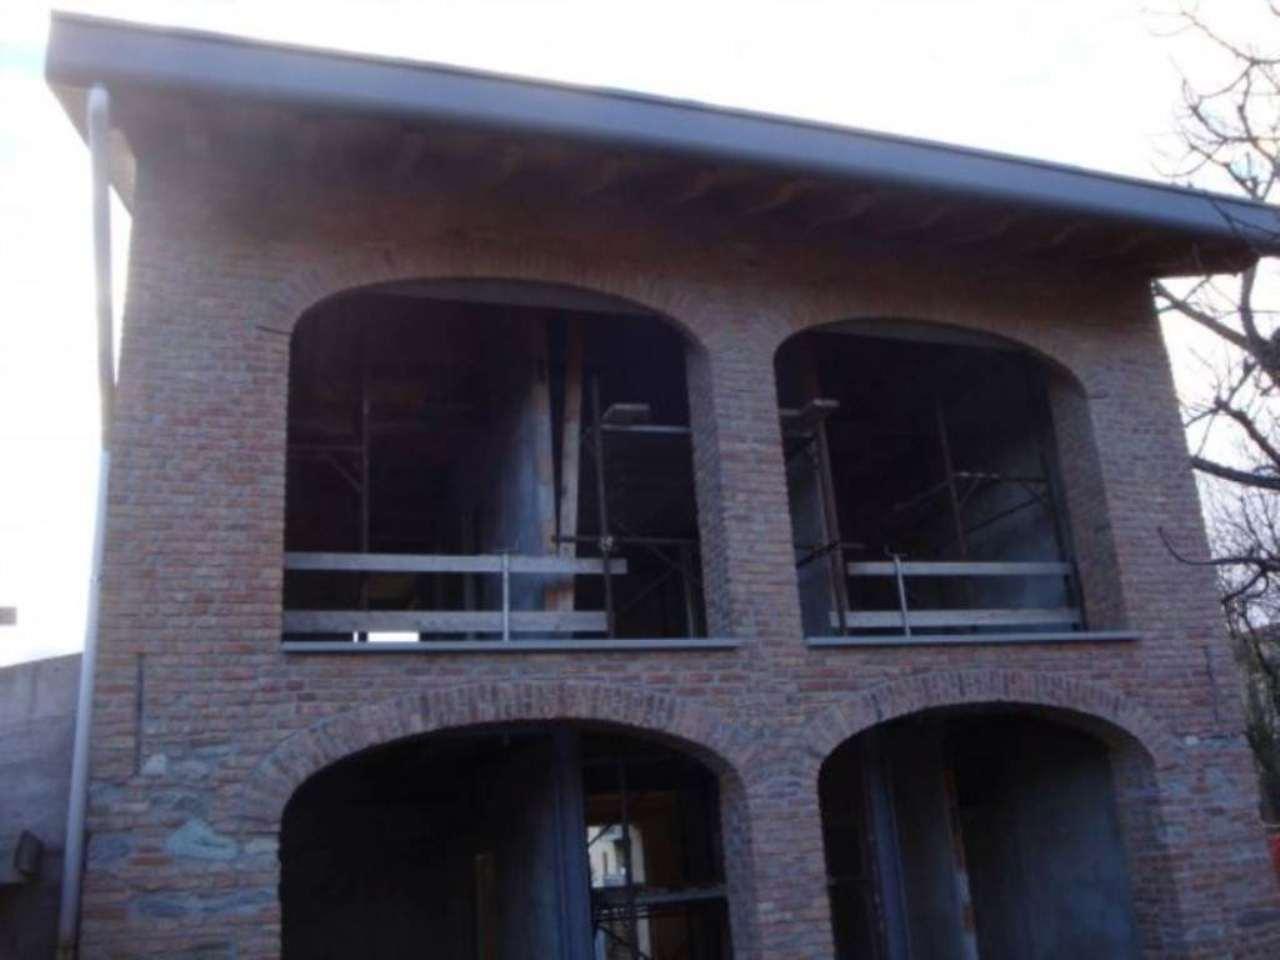 Rustico / Casale in vendita a Inverigo, 6 locali, prezzo € 495.000 | CambioCasa.it